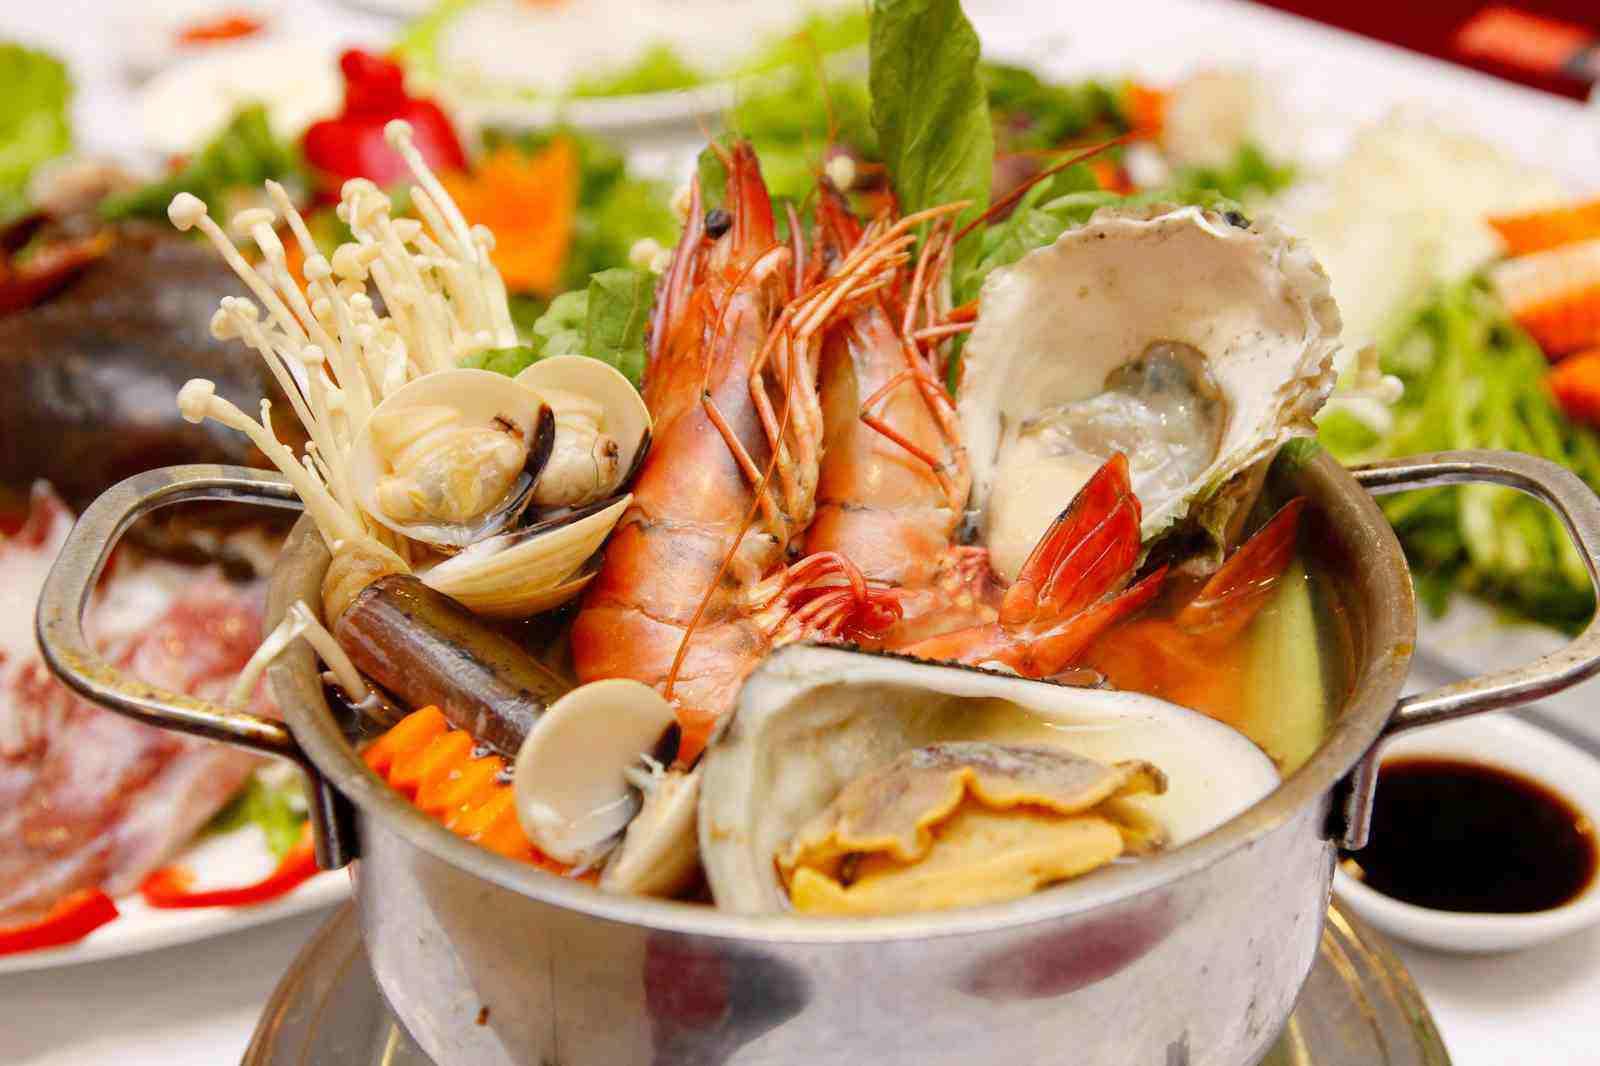 7 điều cần tránh khi ăn hải sản chị em cần nhớ kỹ để tránh bị ngộ độc